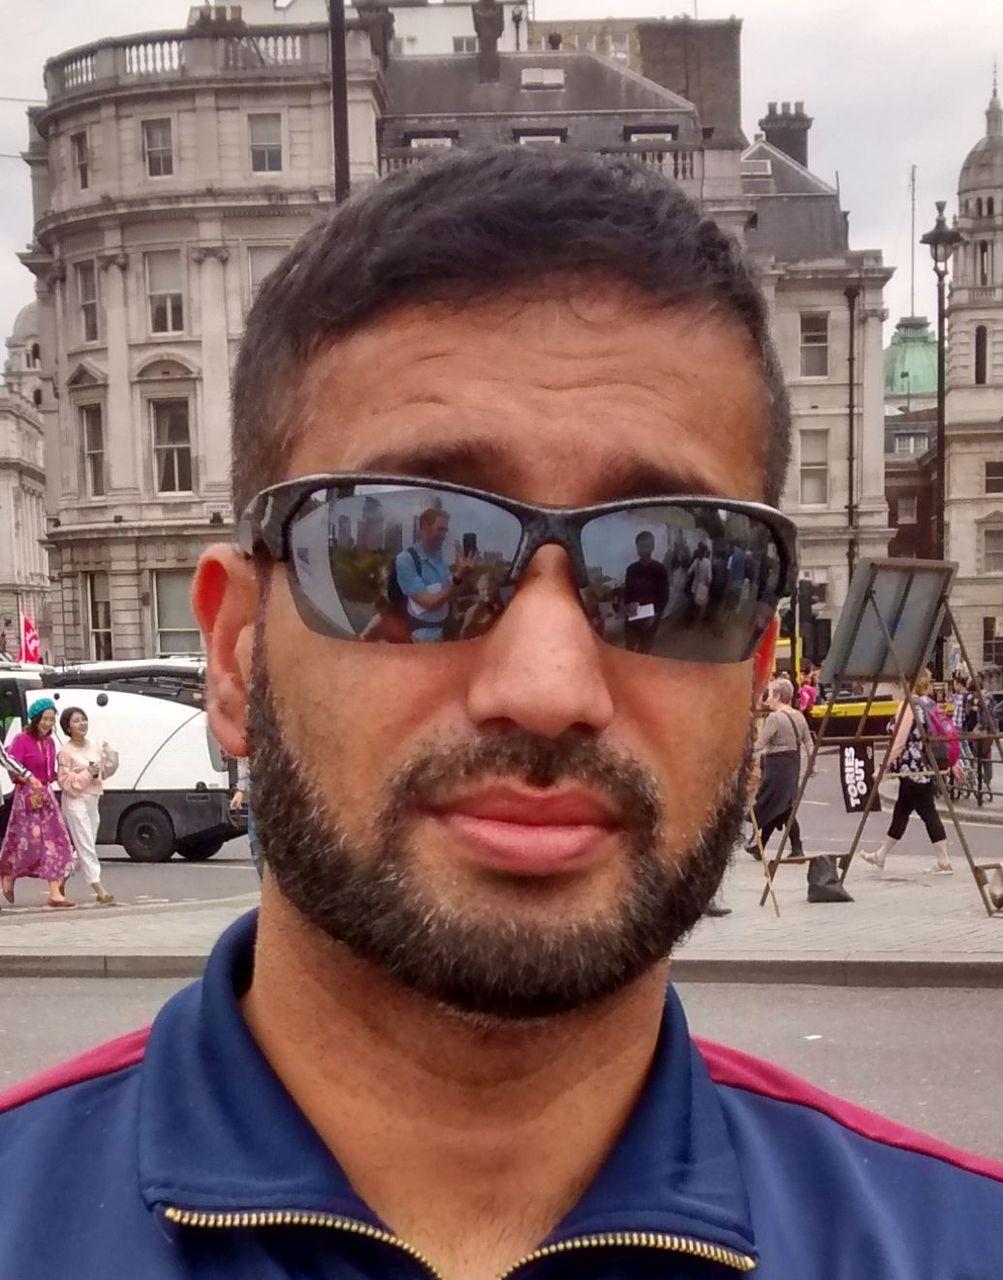 Syed, London 1 July anti-Theresa May demonstrator